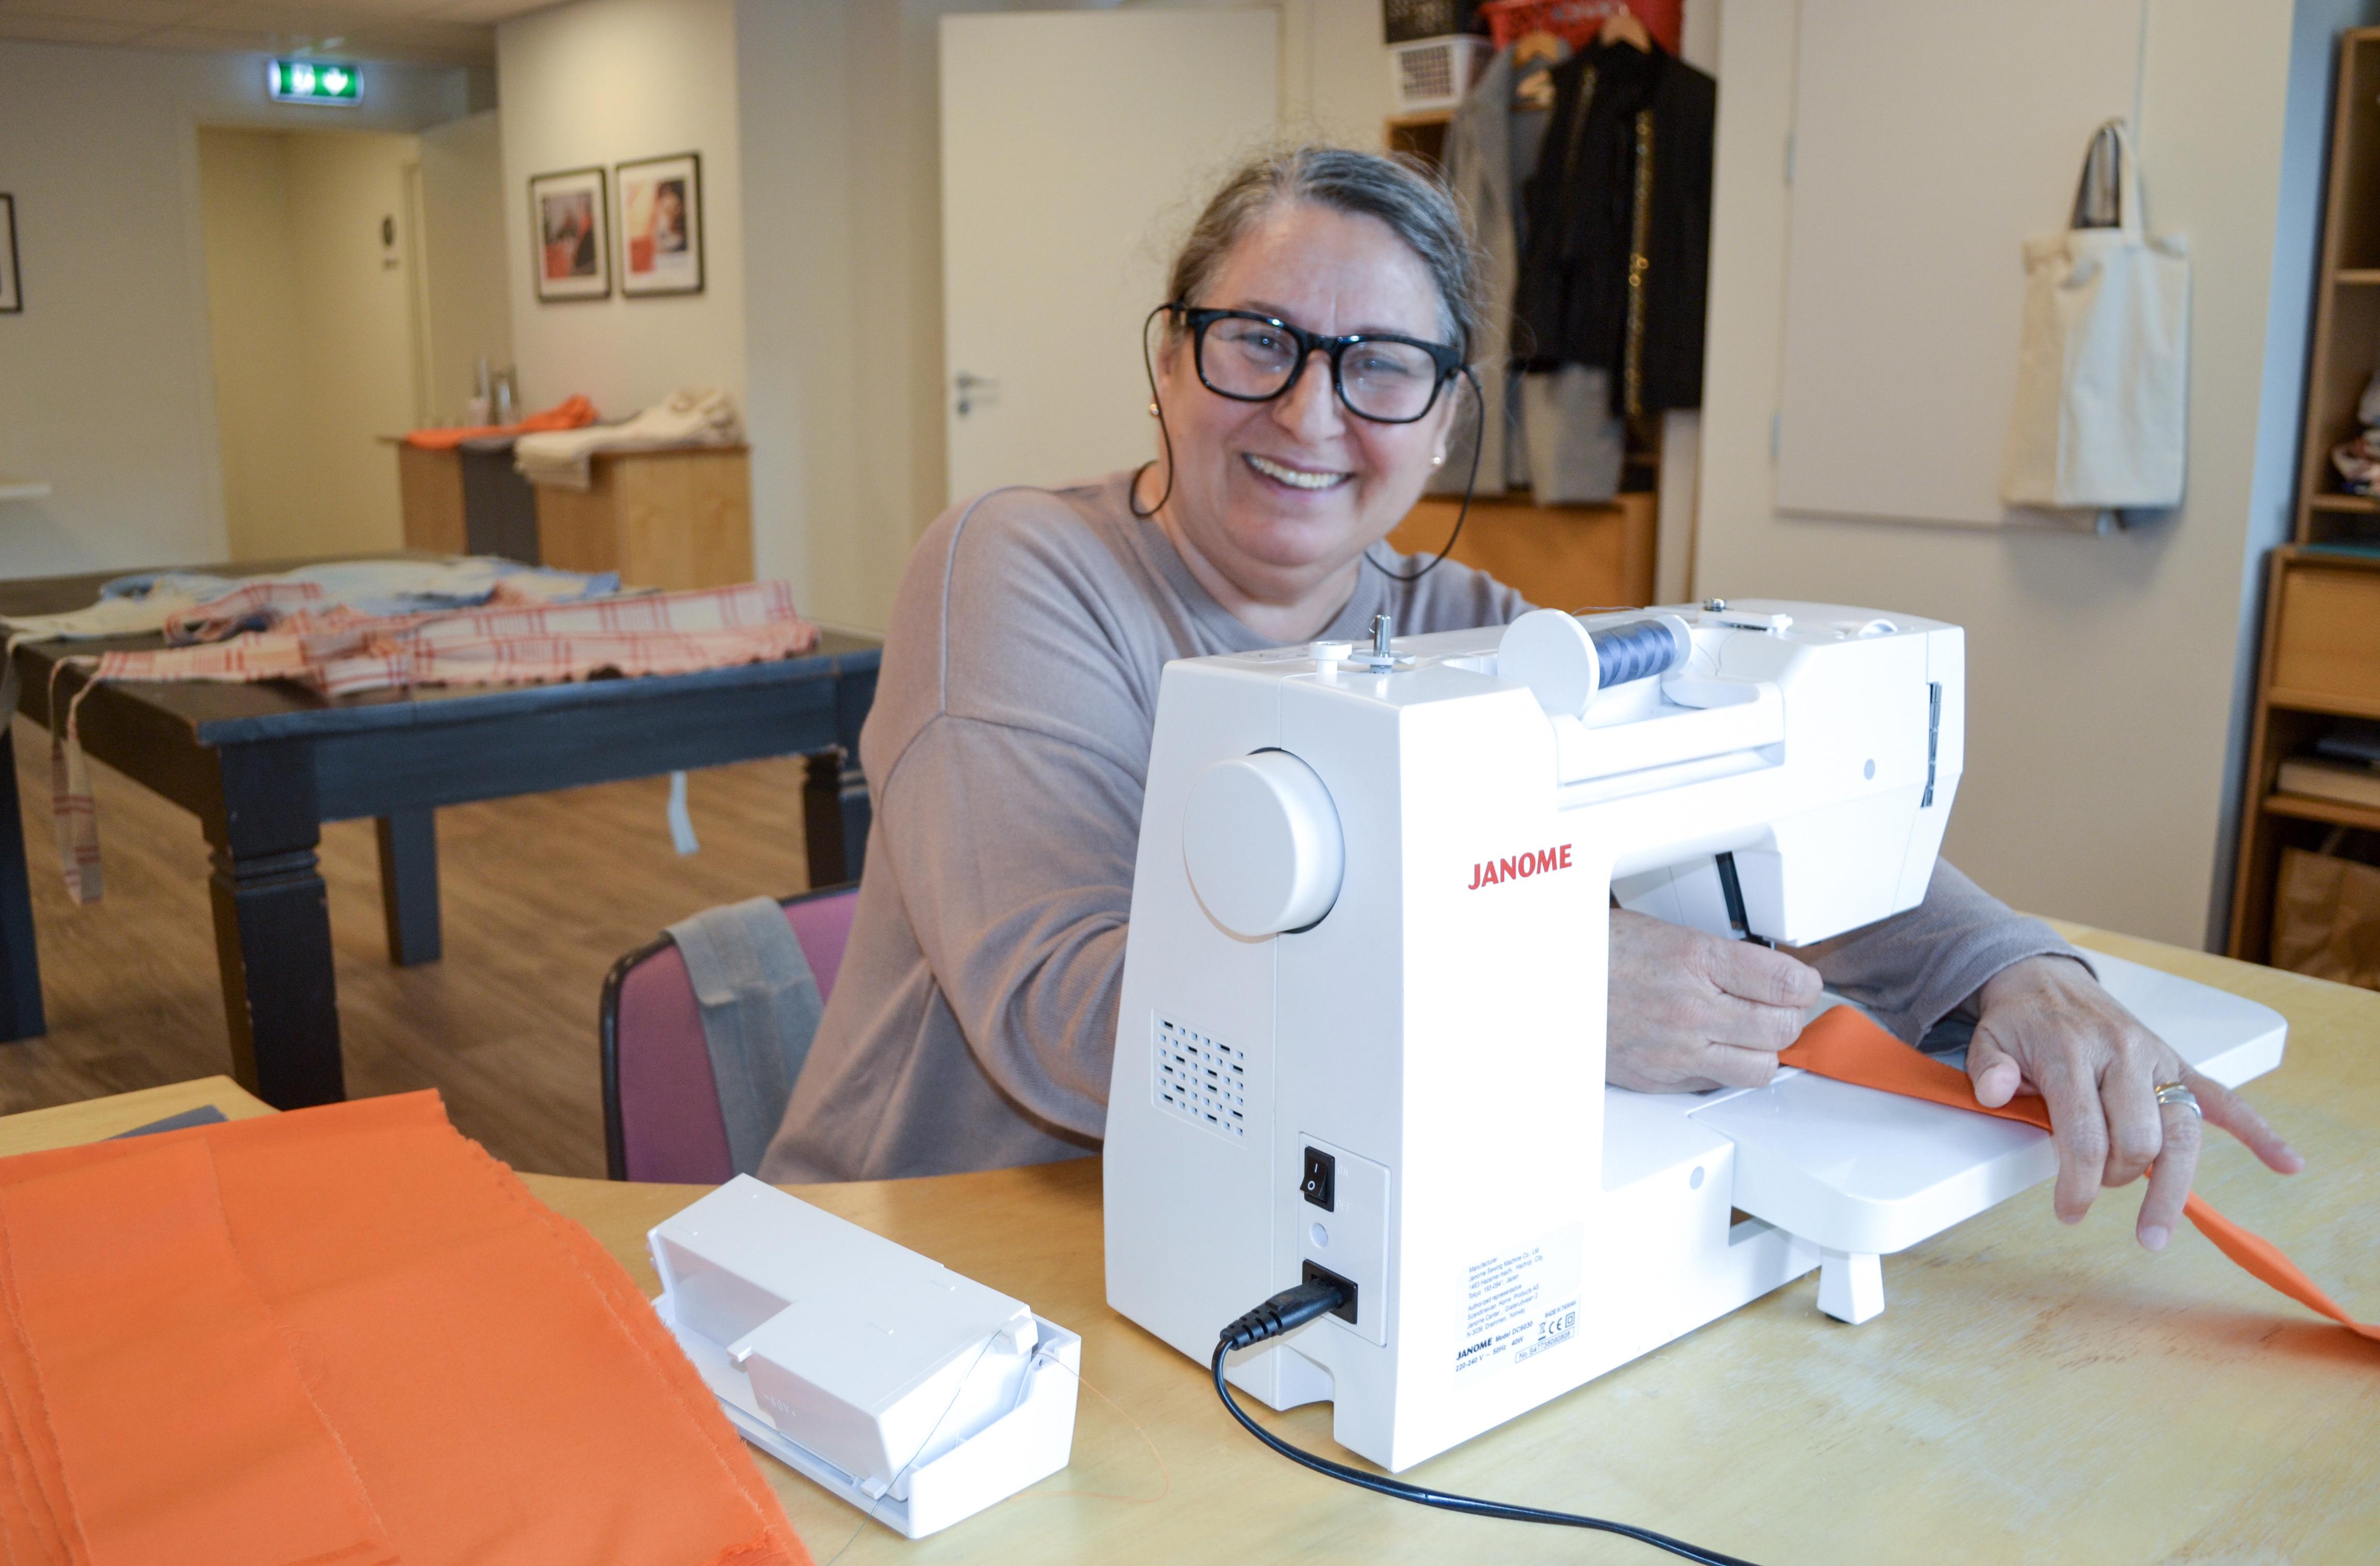 Nachmie har på seg runde briller og smiler. Hun sitter bak en hvit symaskin.